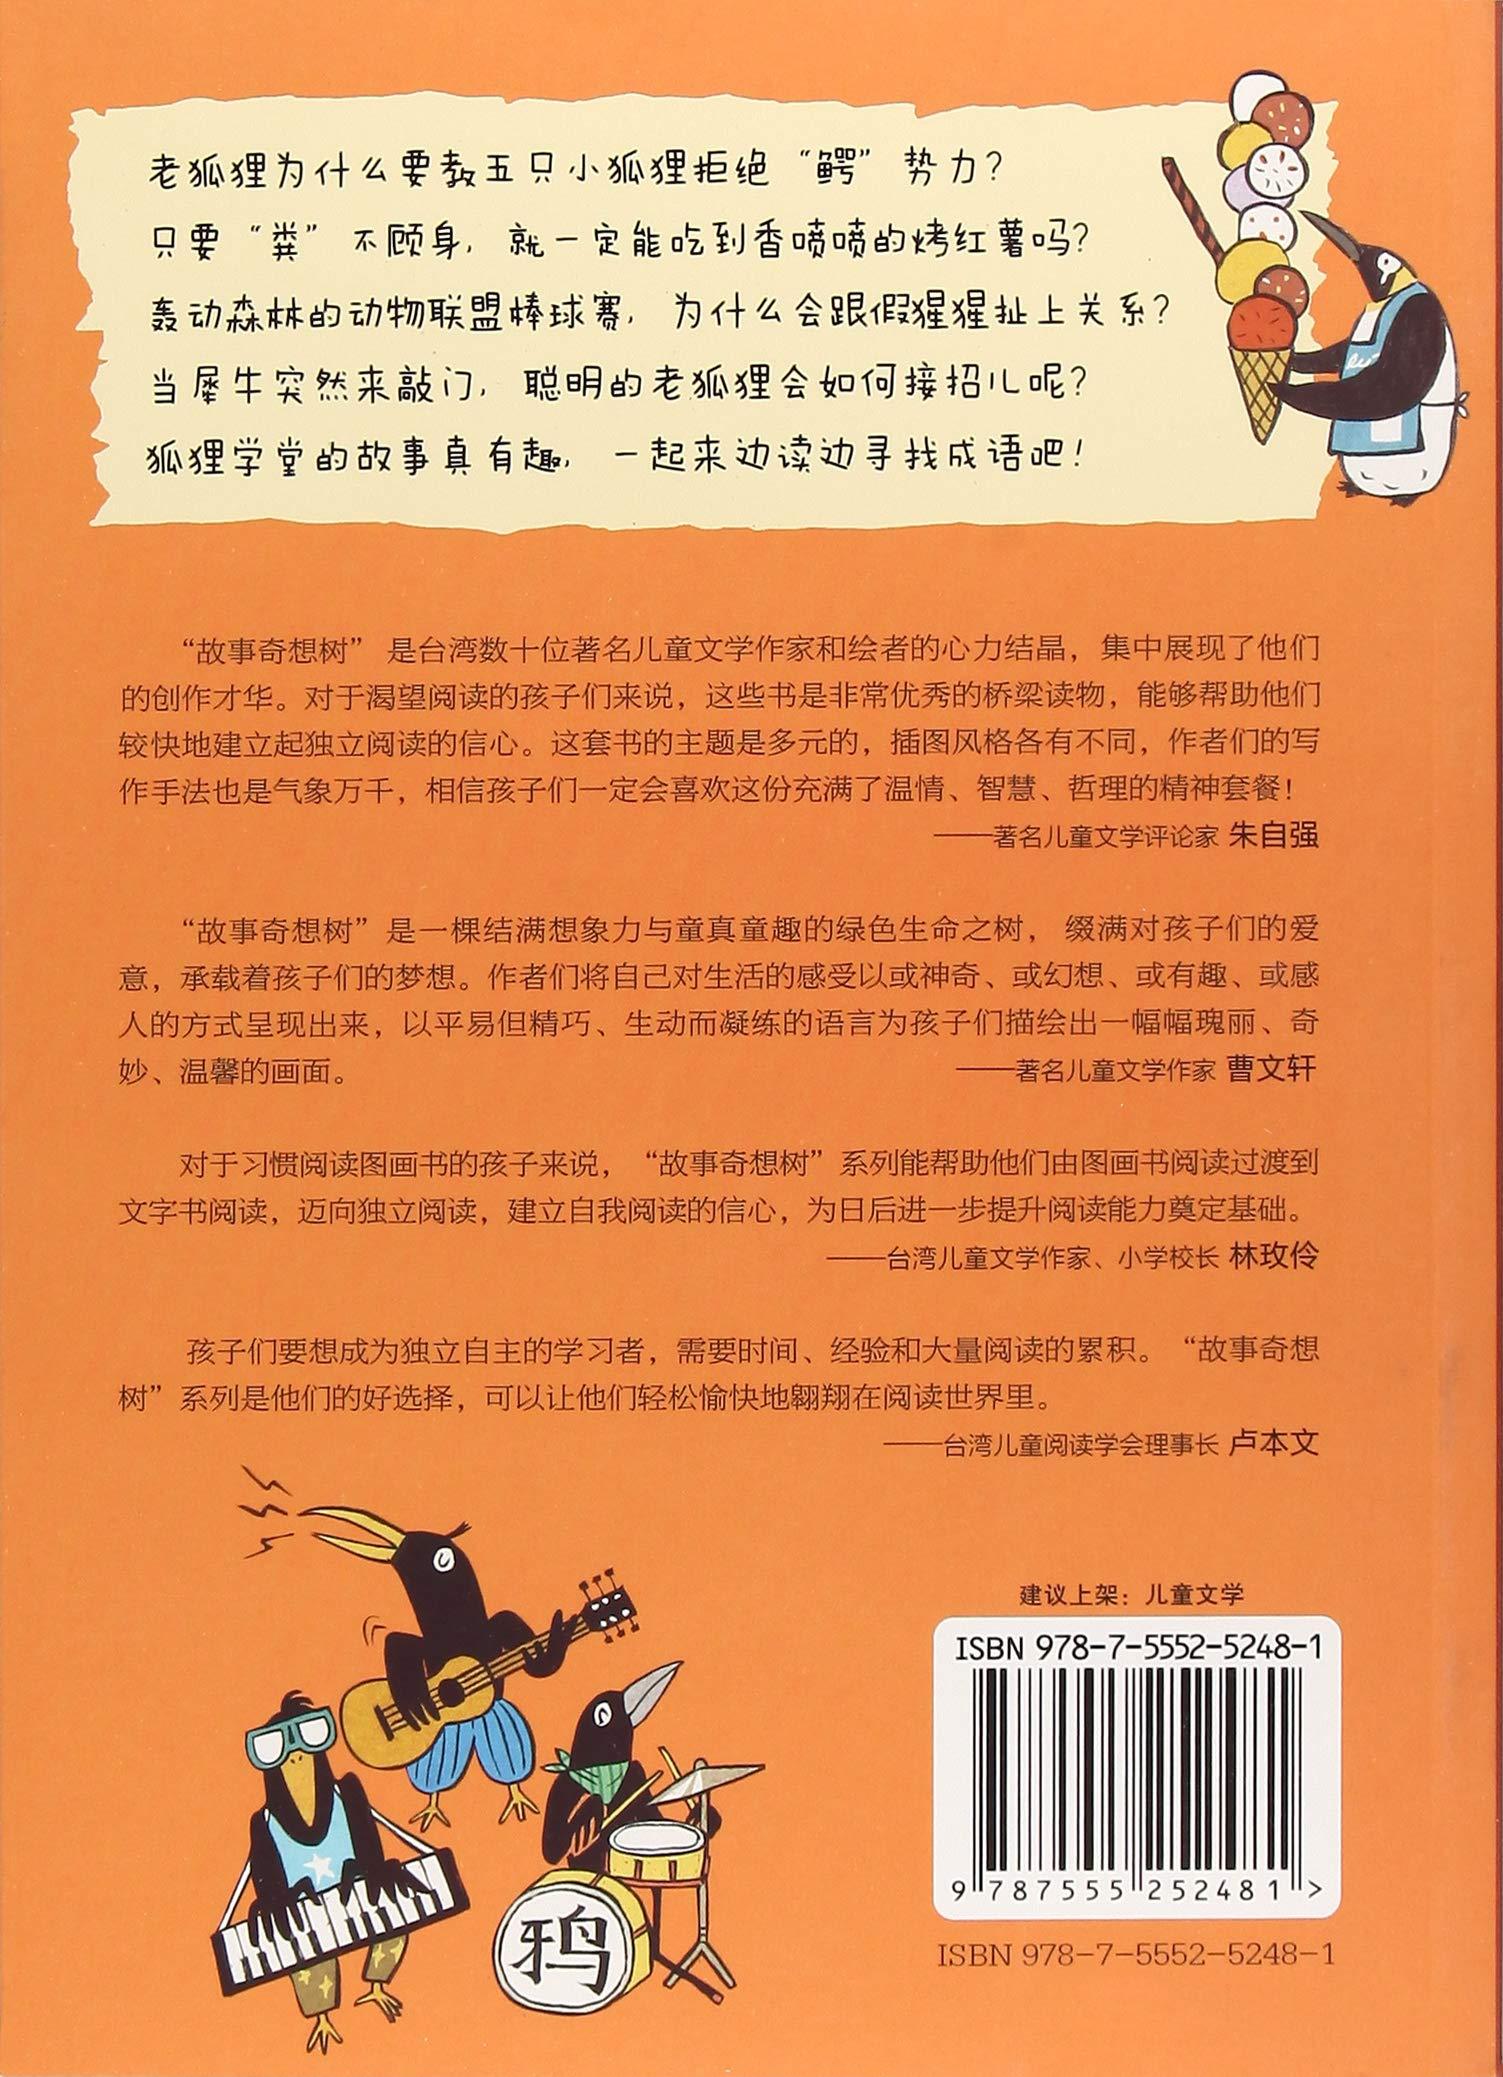 故事奇想树:小心假猩猩